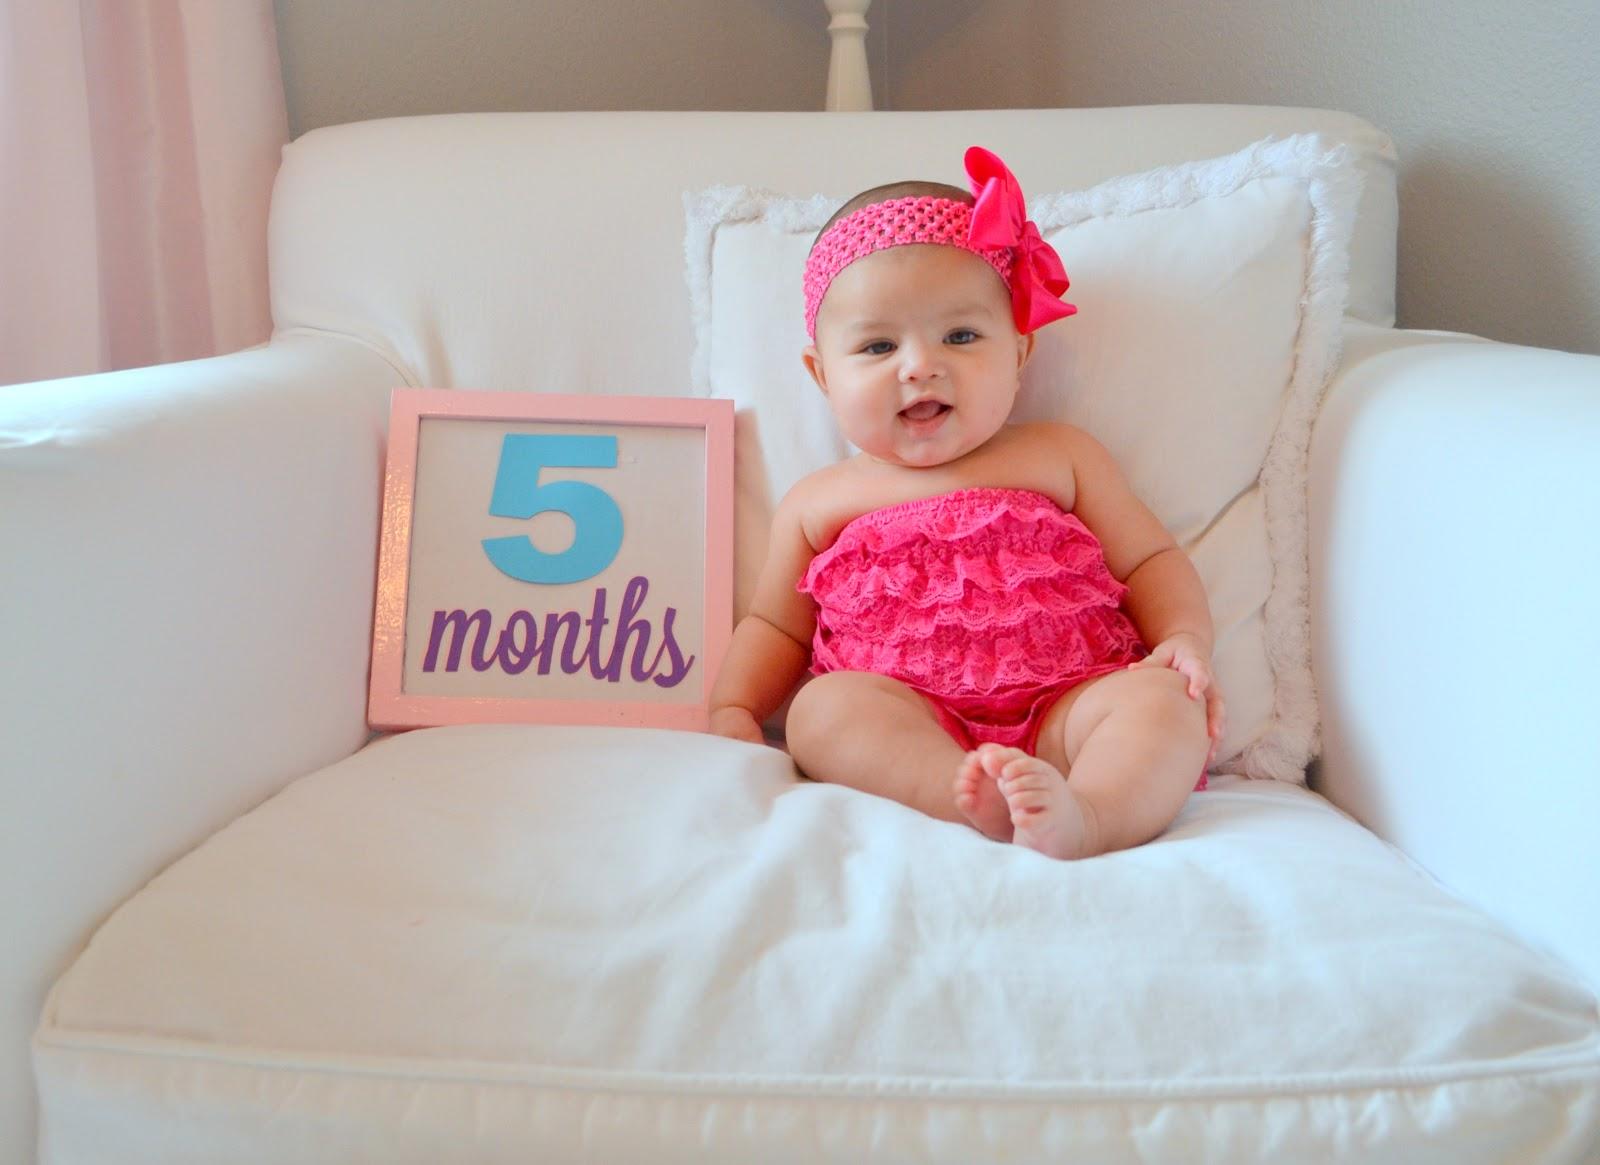 С 5 месяцами ребенка картинки, картинках новорожденной